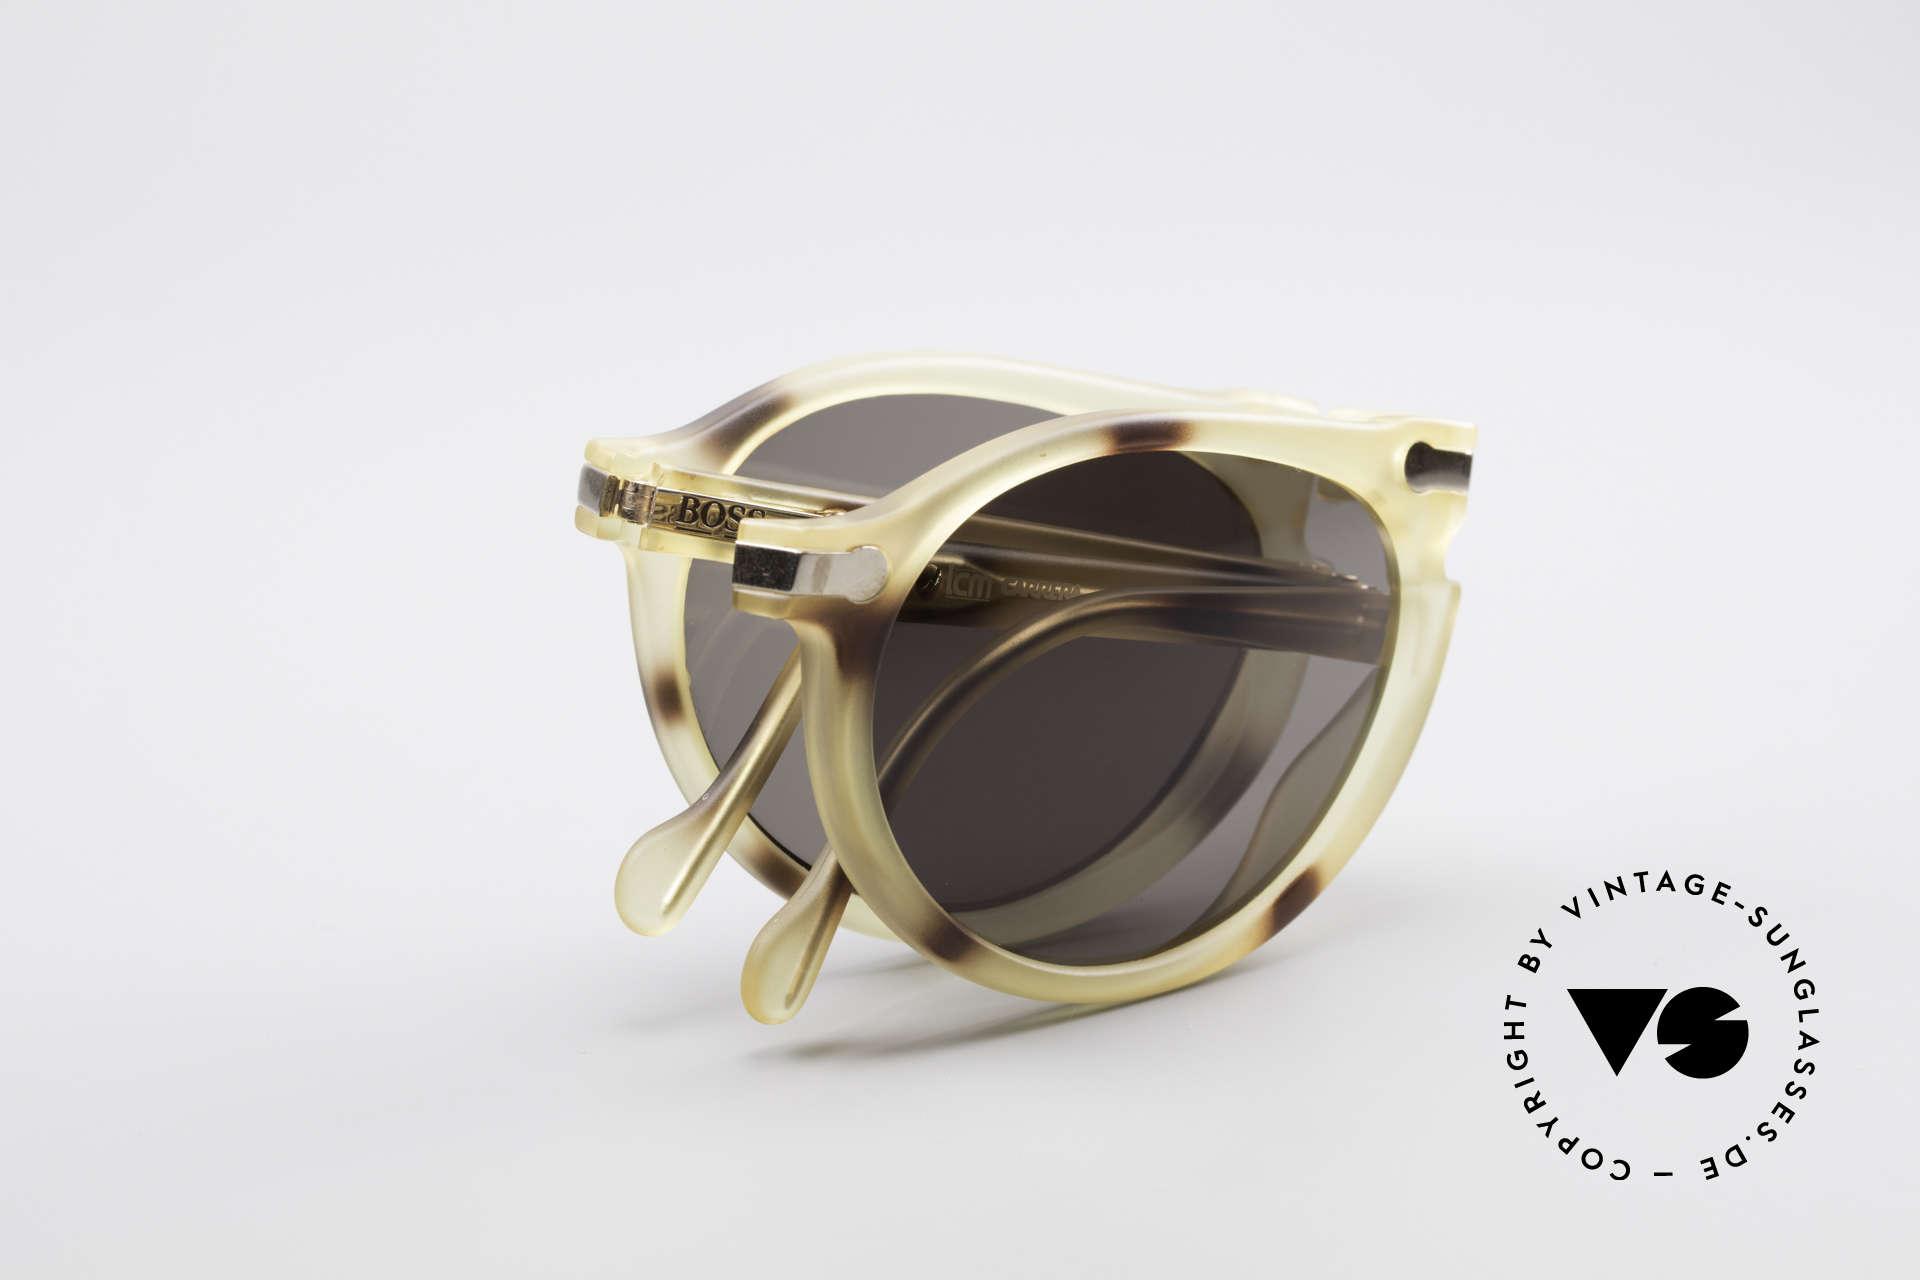 BOSS 5153 Vintage Faltsonnenbrille 90er, Größe: large, Passend für Herren